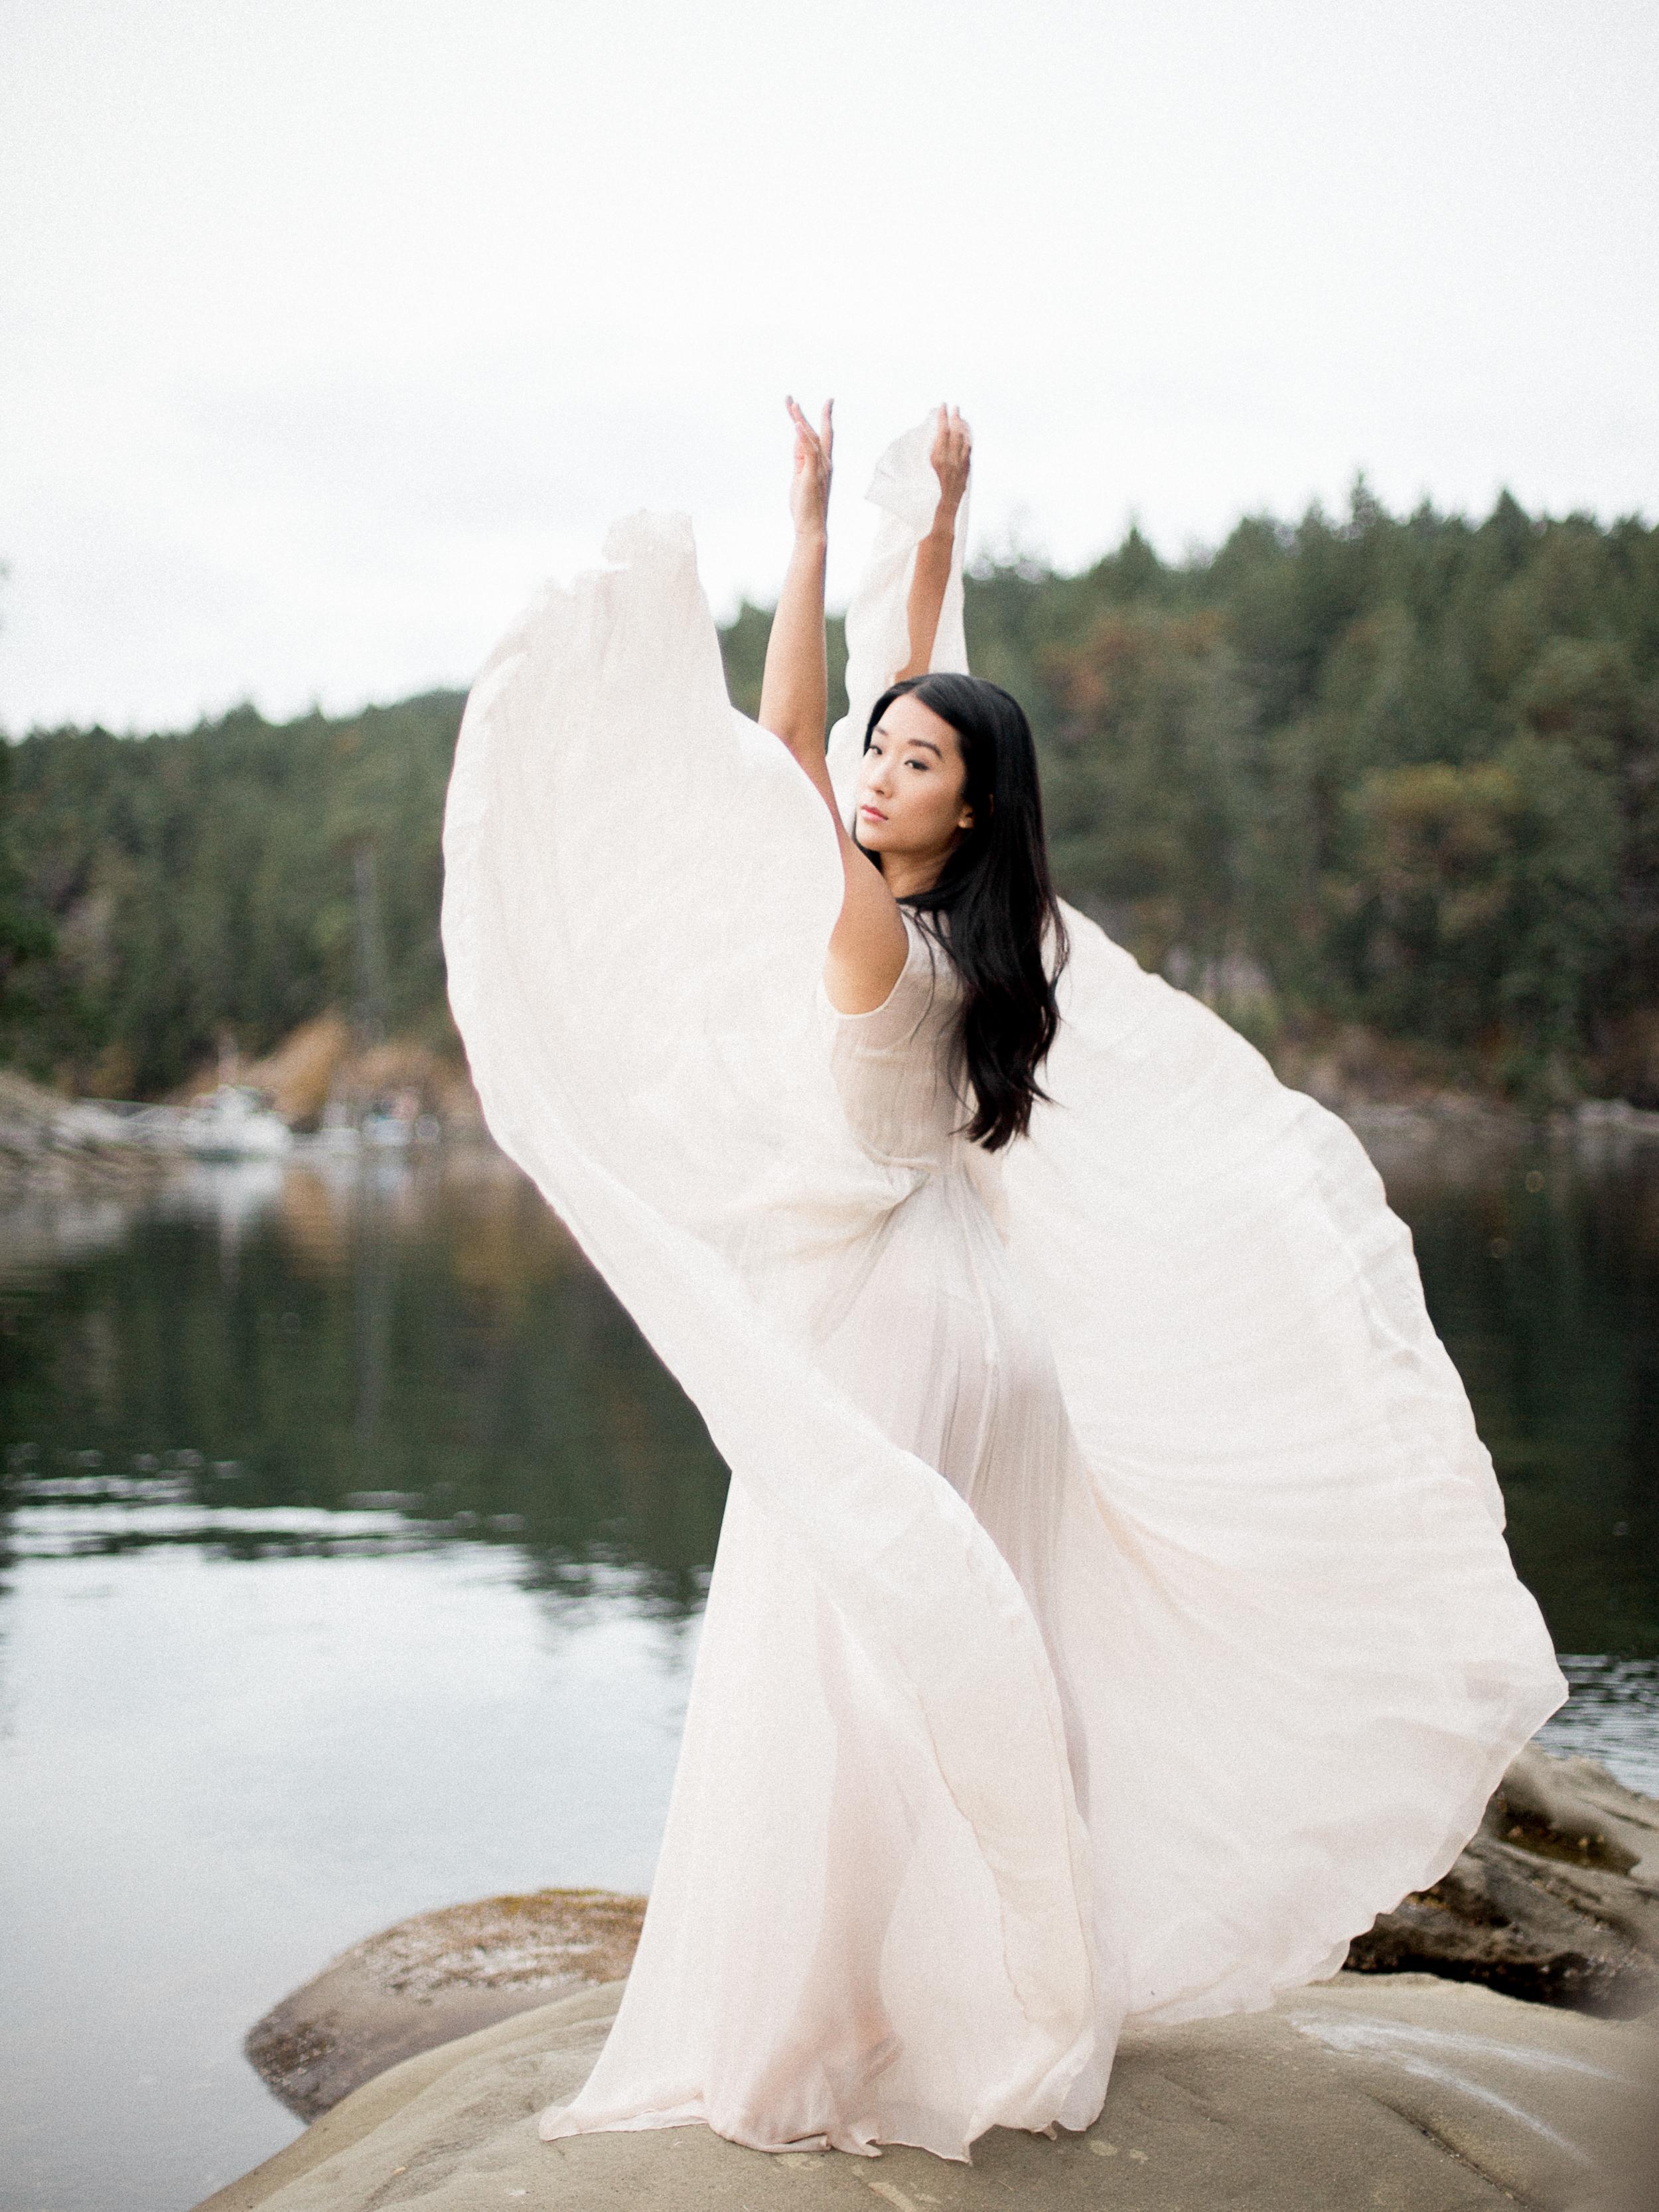 cae80d573d Winnipeg Wedding Photographer, Vancouver Wedding Photographer, Banff Wedding  Photographer, Calgary Wedding Photographer,